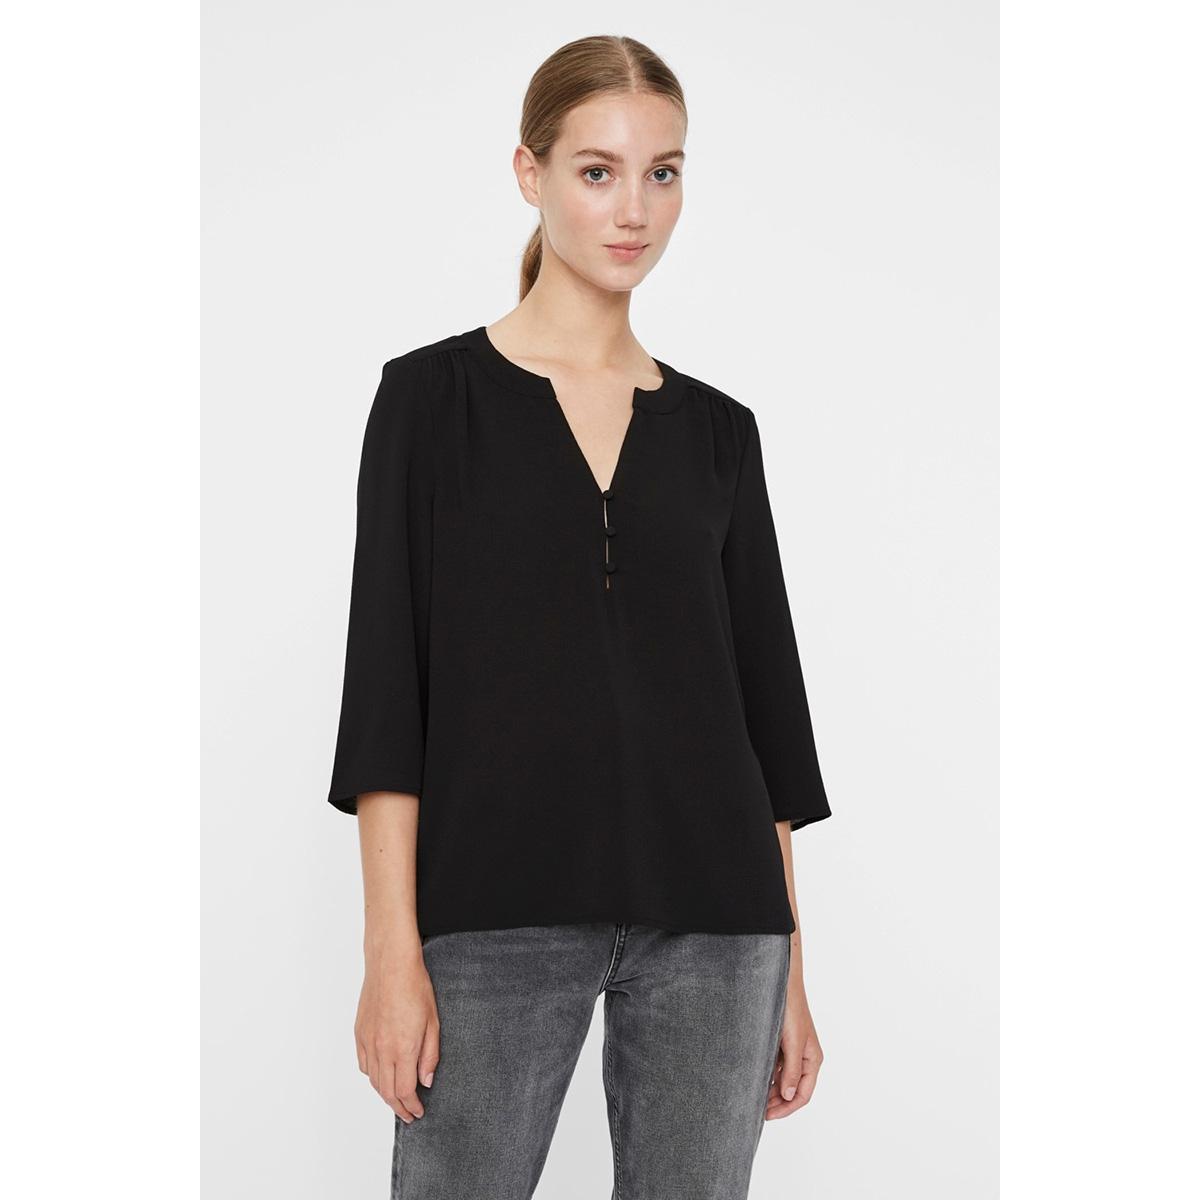 vmsasha 3/4 button top ga 10226529 vero moda t-shirt black